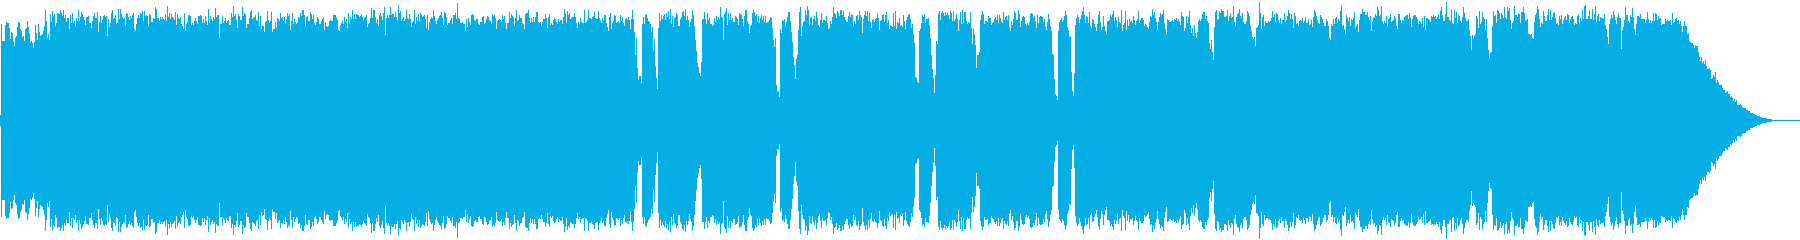 ロックとポップの再生済みの波形